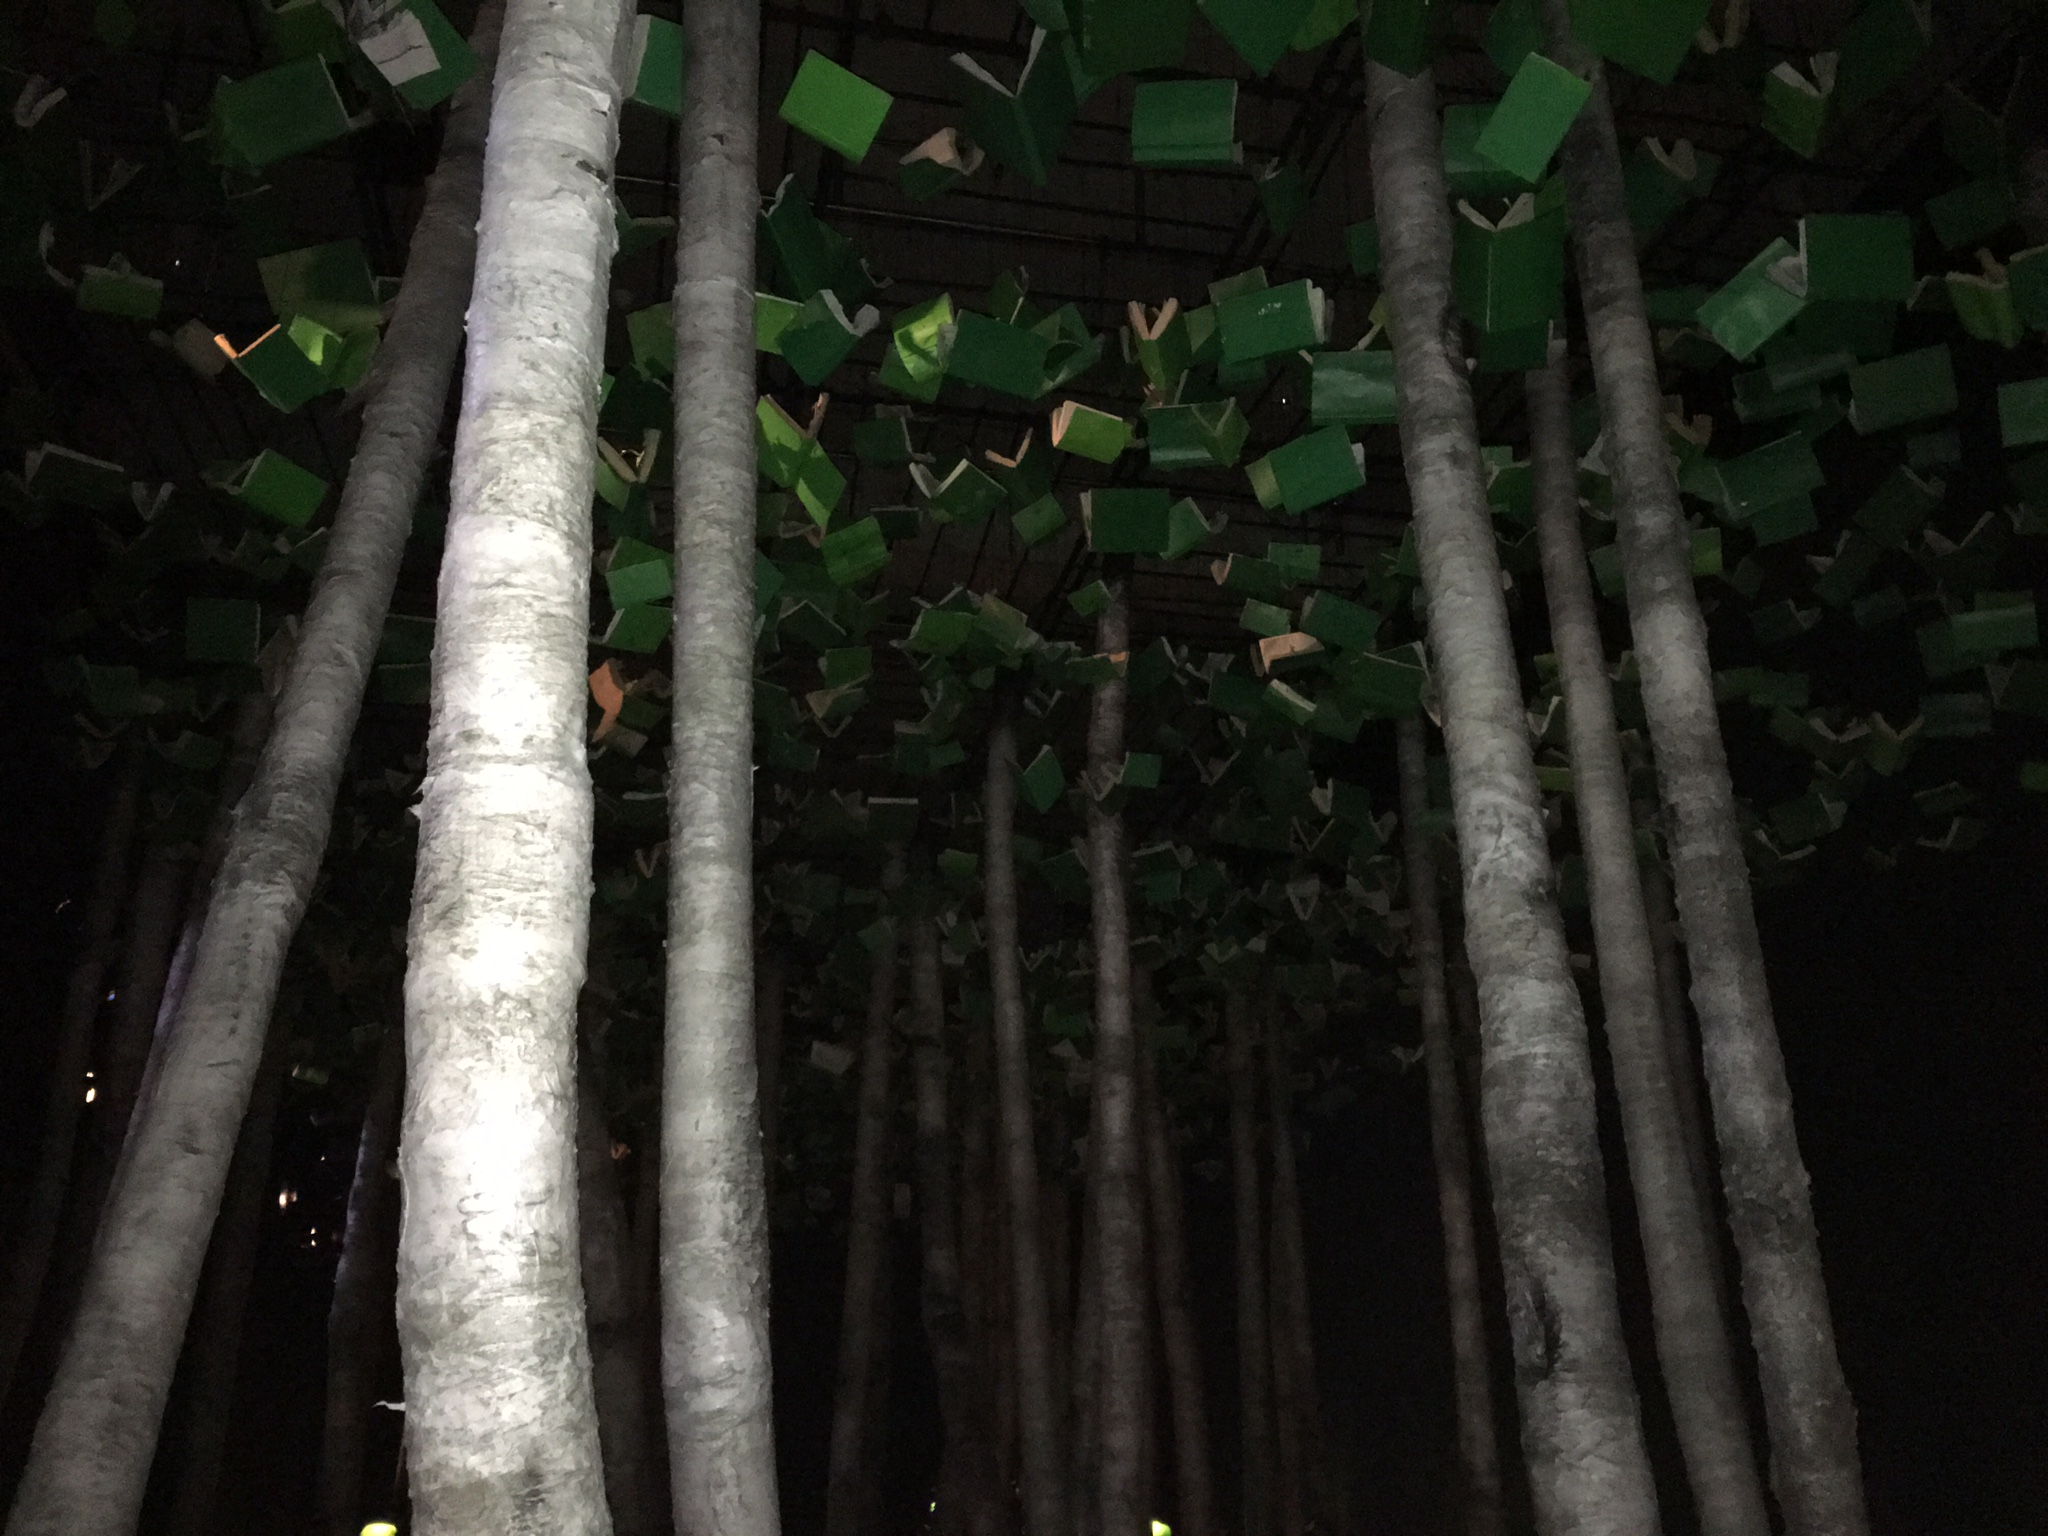 Photo de la forêt de livres imaginée par Robert Lepage pour la Grande Bibliothèque du Québec à partir des textes d'Alberto Manguel par Sylvie Gendreau, Votre laboratoire créatif.